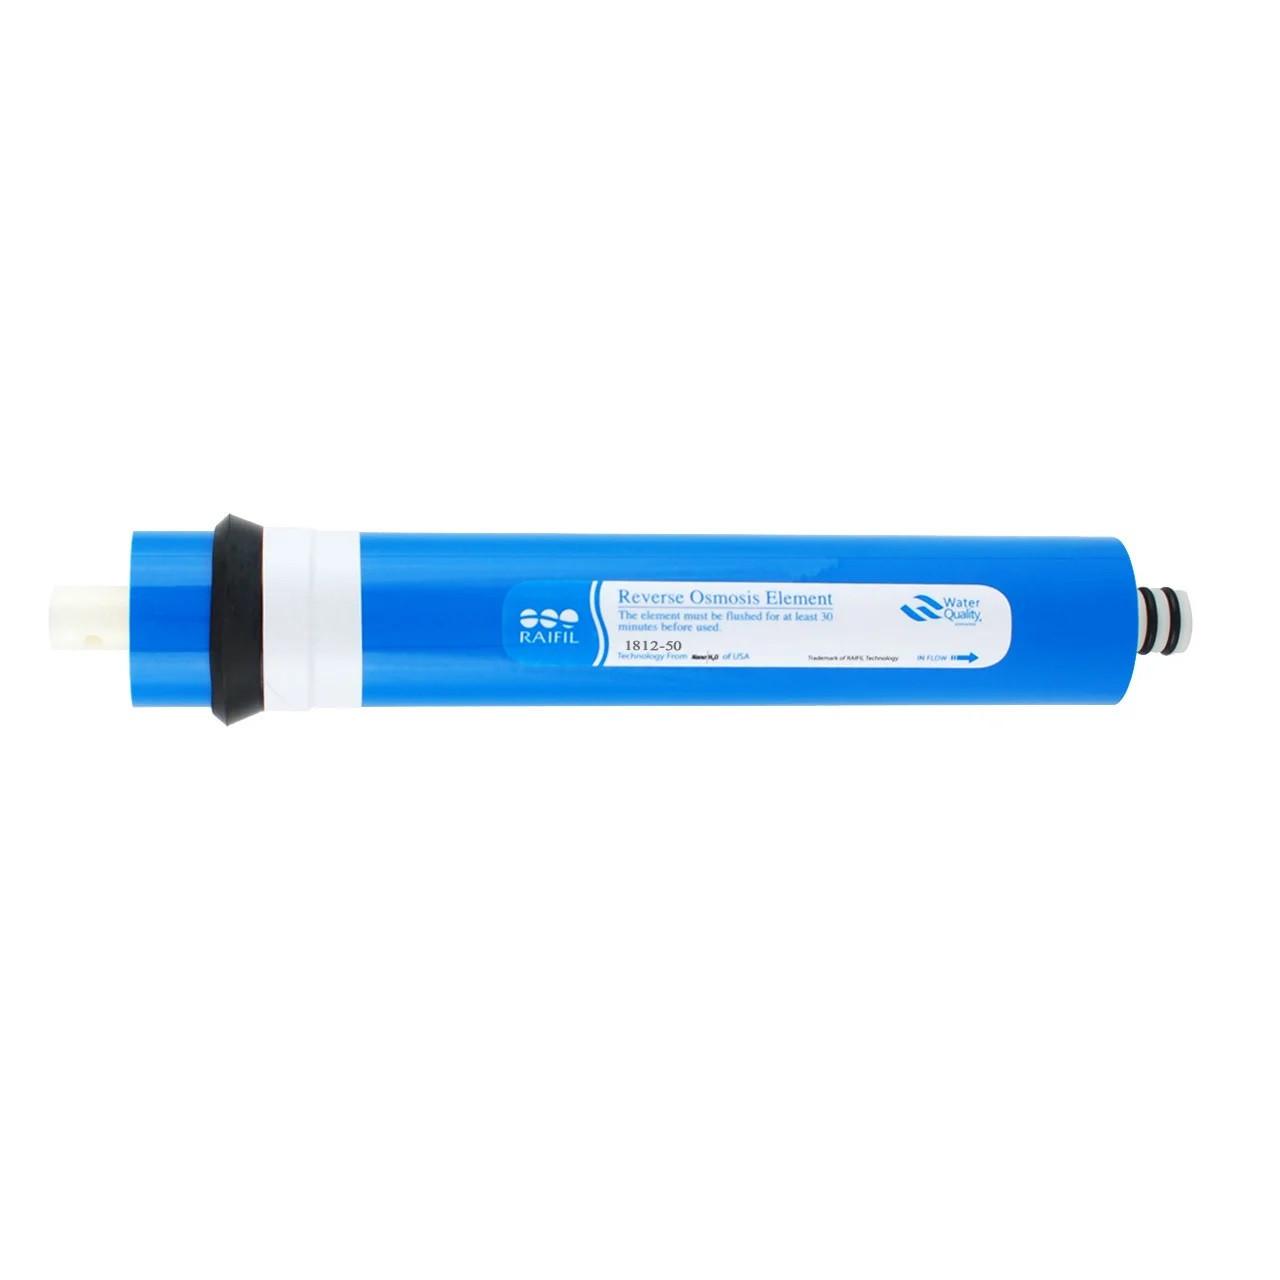 Зворотньоосмотична мембрана Raifil 75 G 1812-75